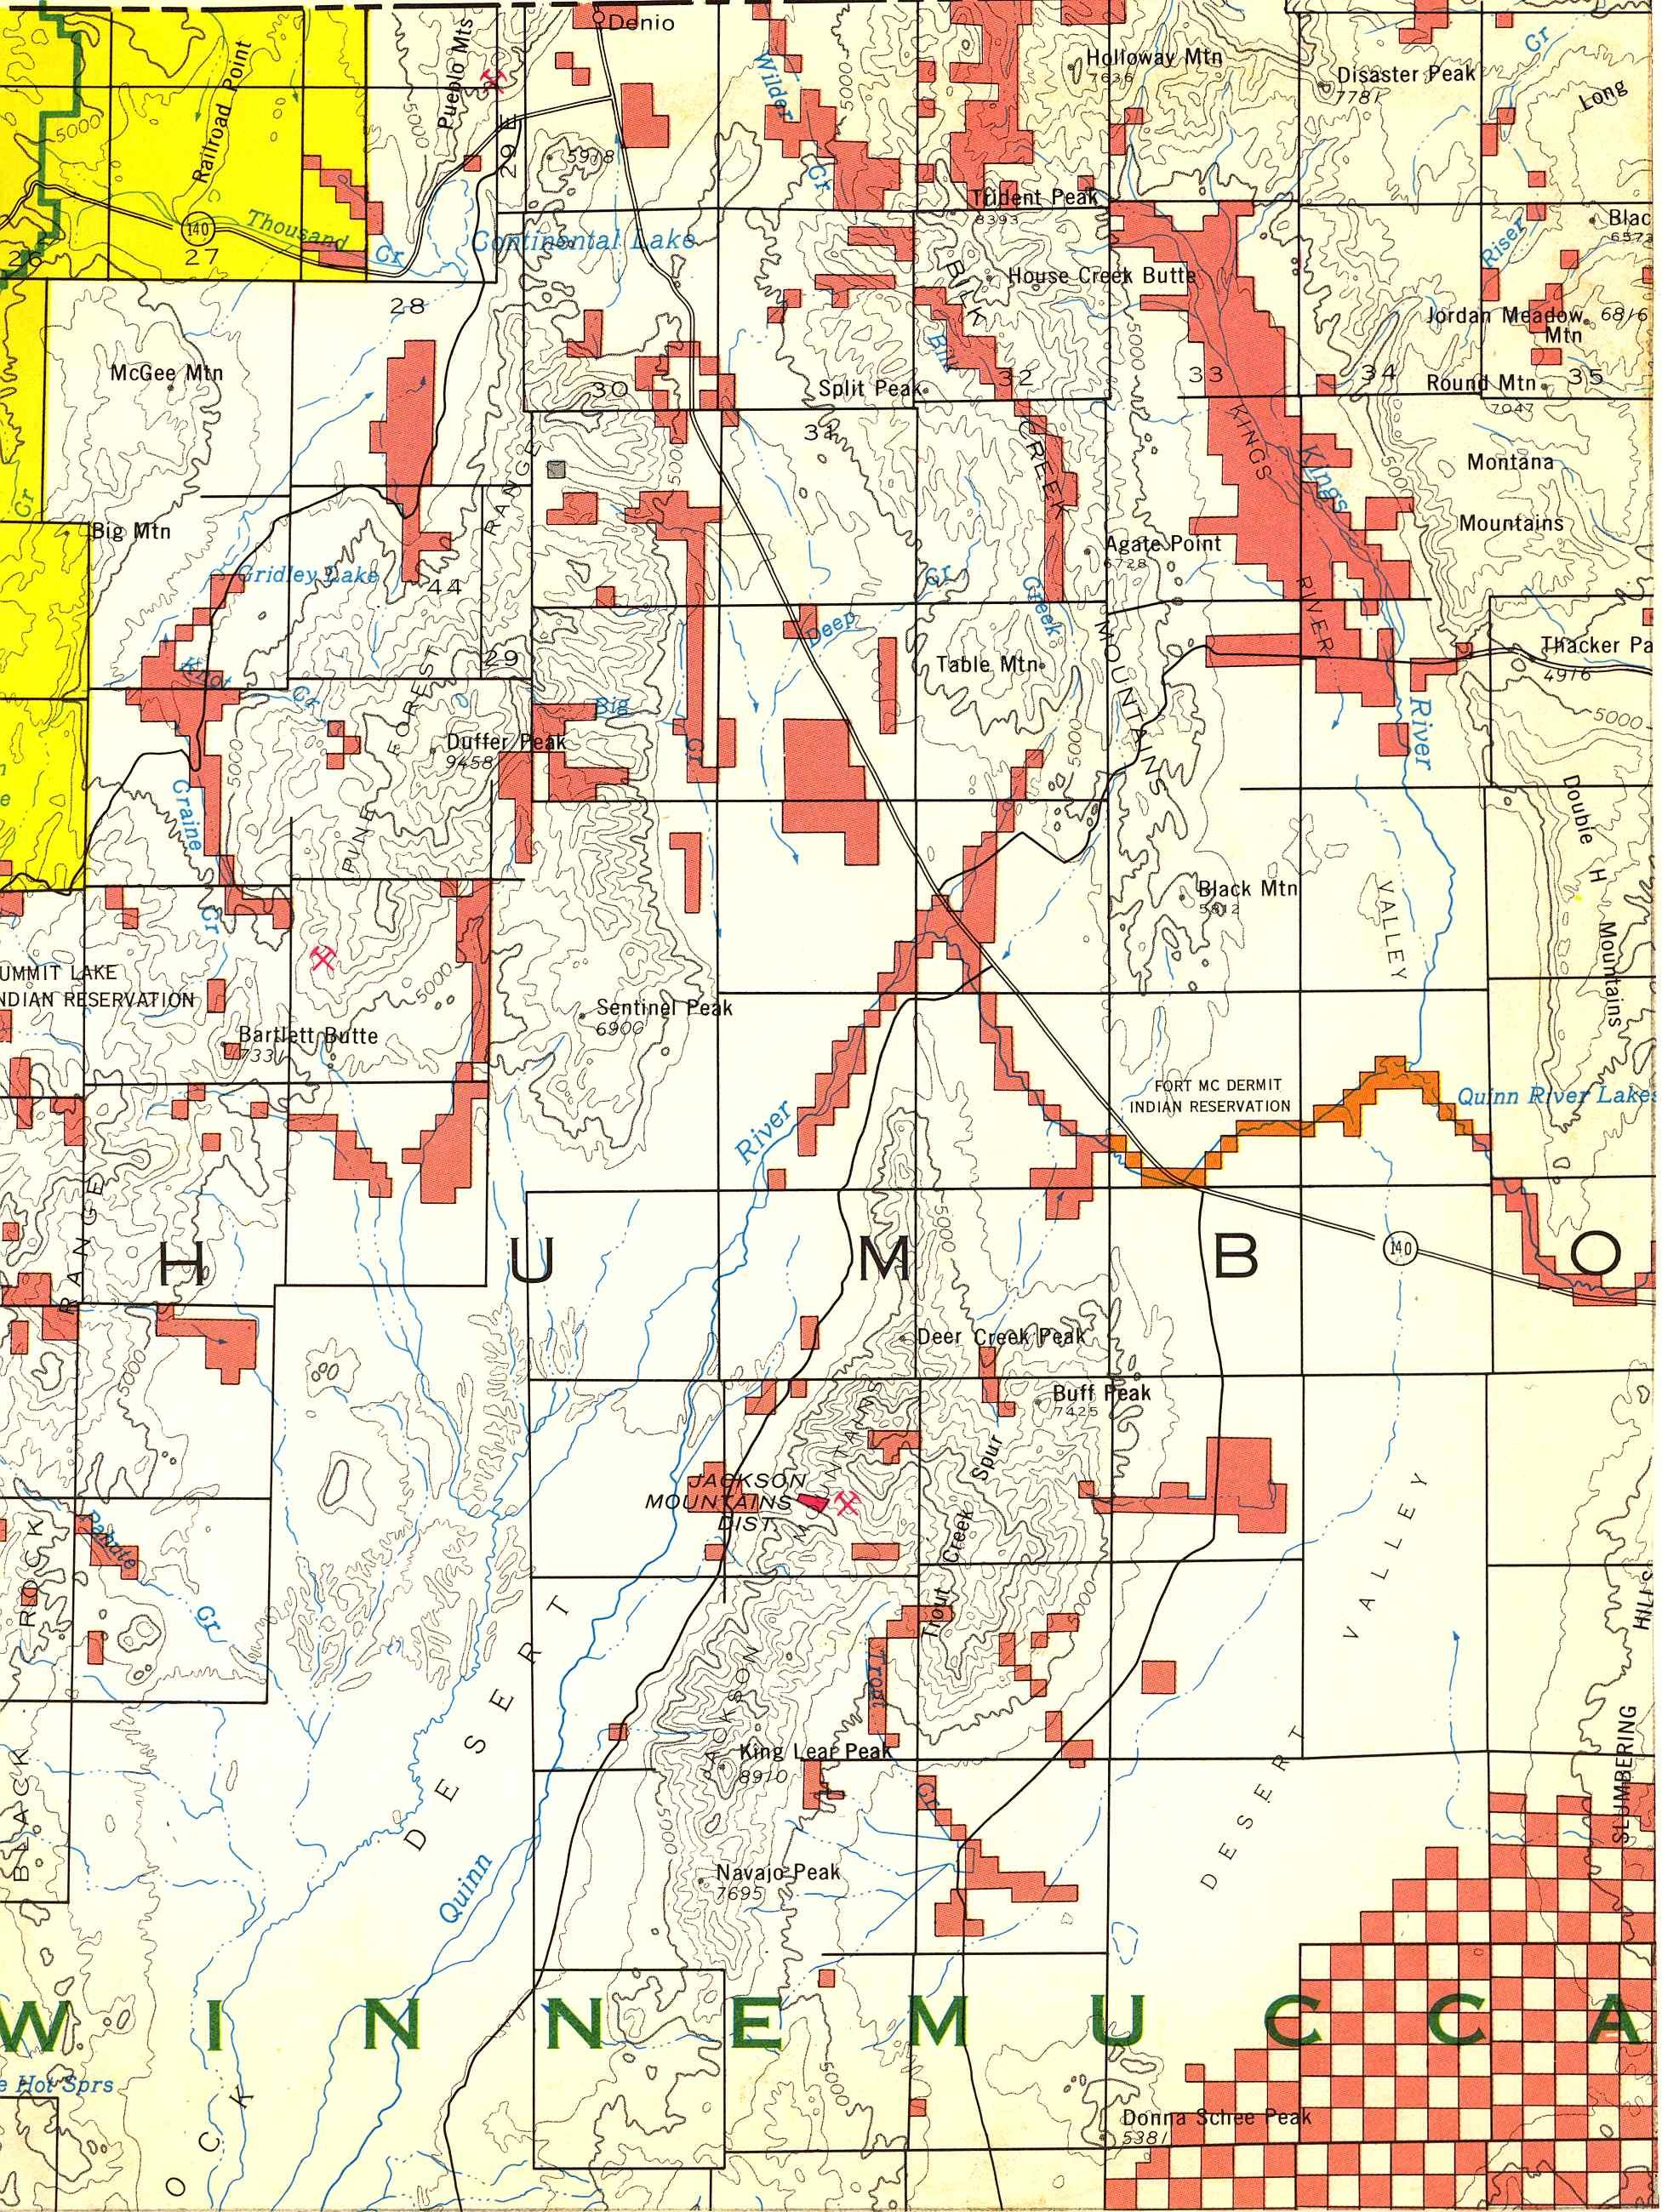 Map [2] 41:118 - Denio - 1972